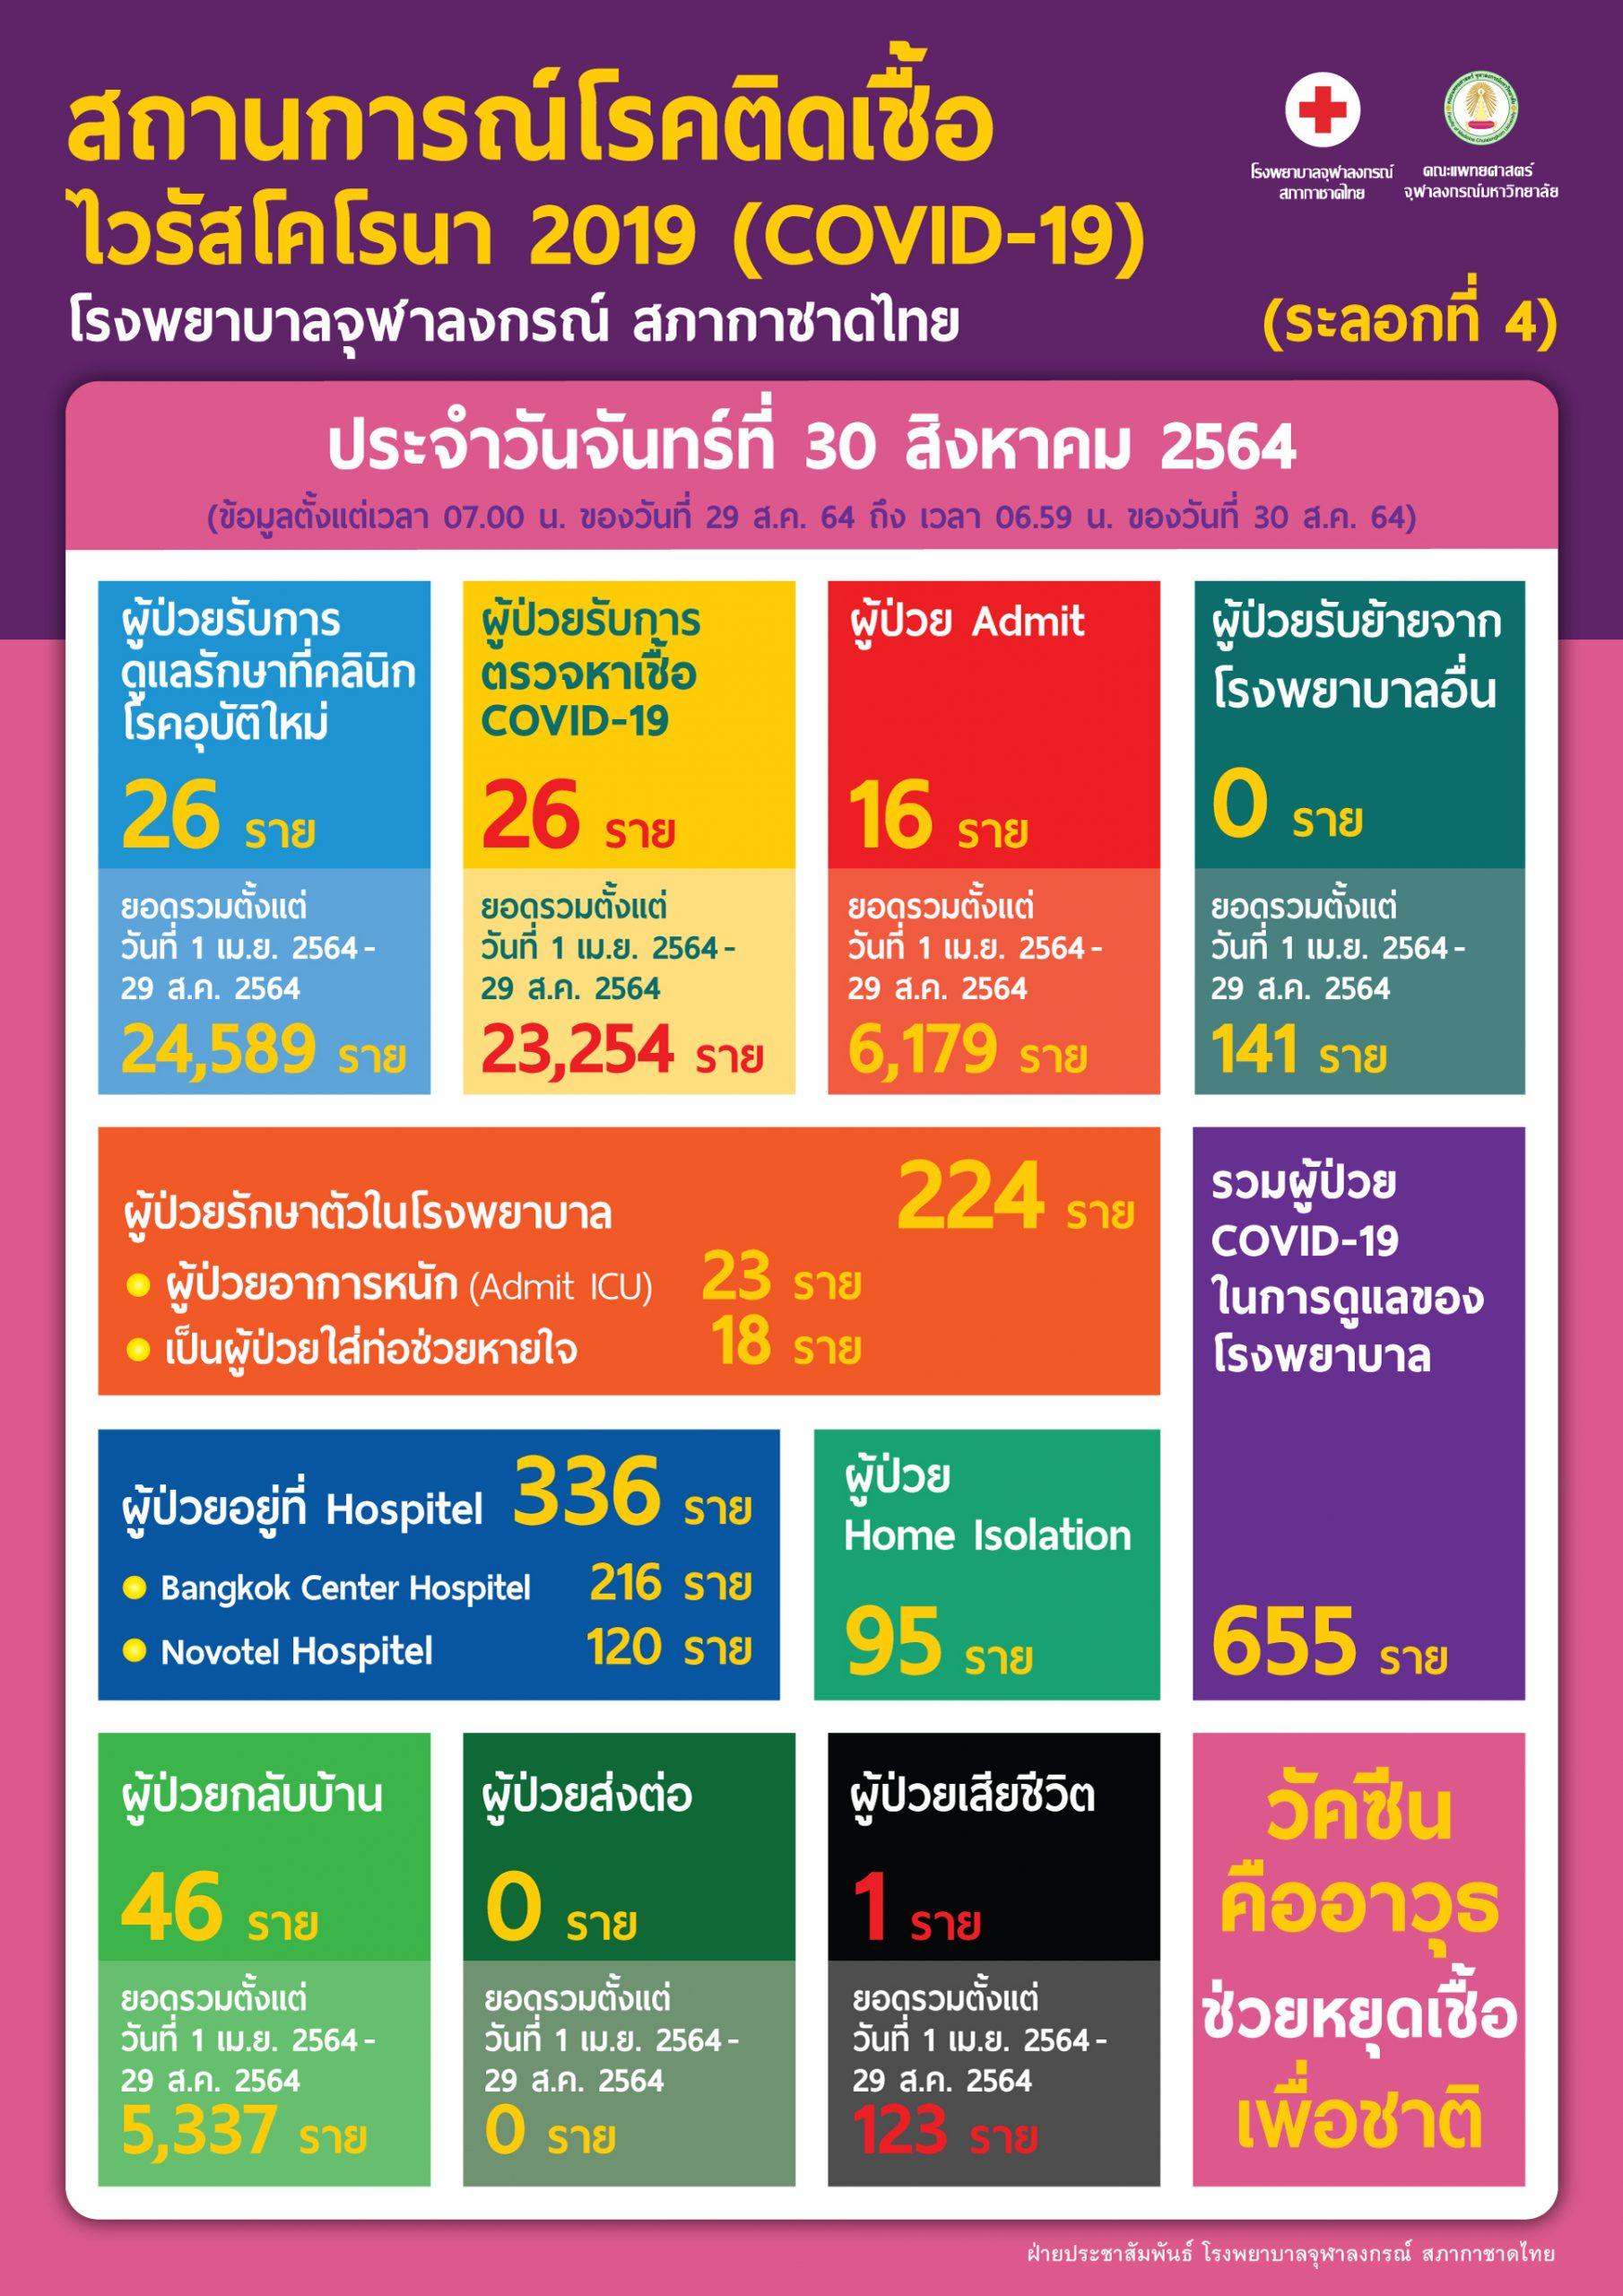 สถานการณ์โรคติดเชื้อไวรัสโคโรนา 2019 (COVID-19) (ระลอกที่ 4) โรงพยาบาลจุฬาลงกรณ์ สภากาชาดไทย ประจำวันจันทร์ที่ 30 สิงหาคม 2564